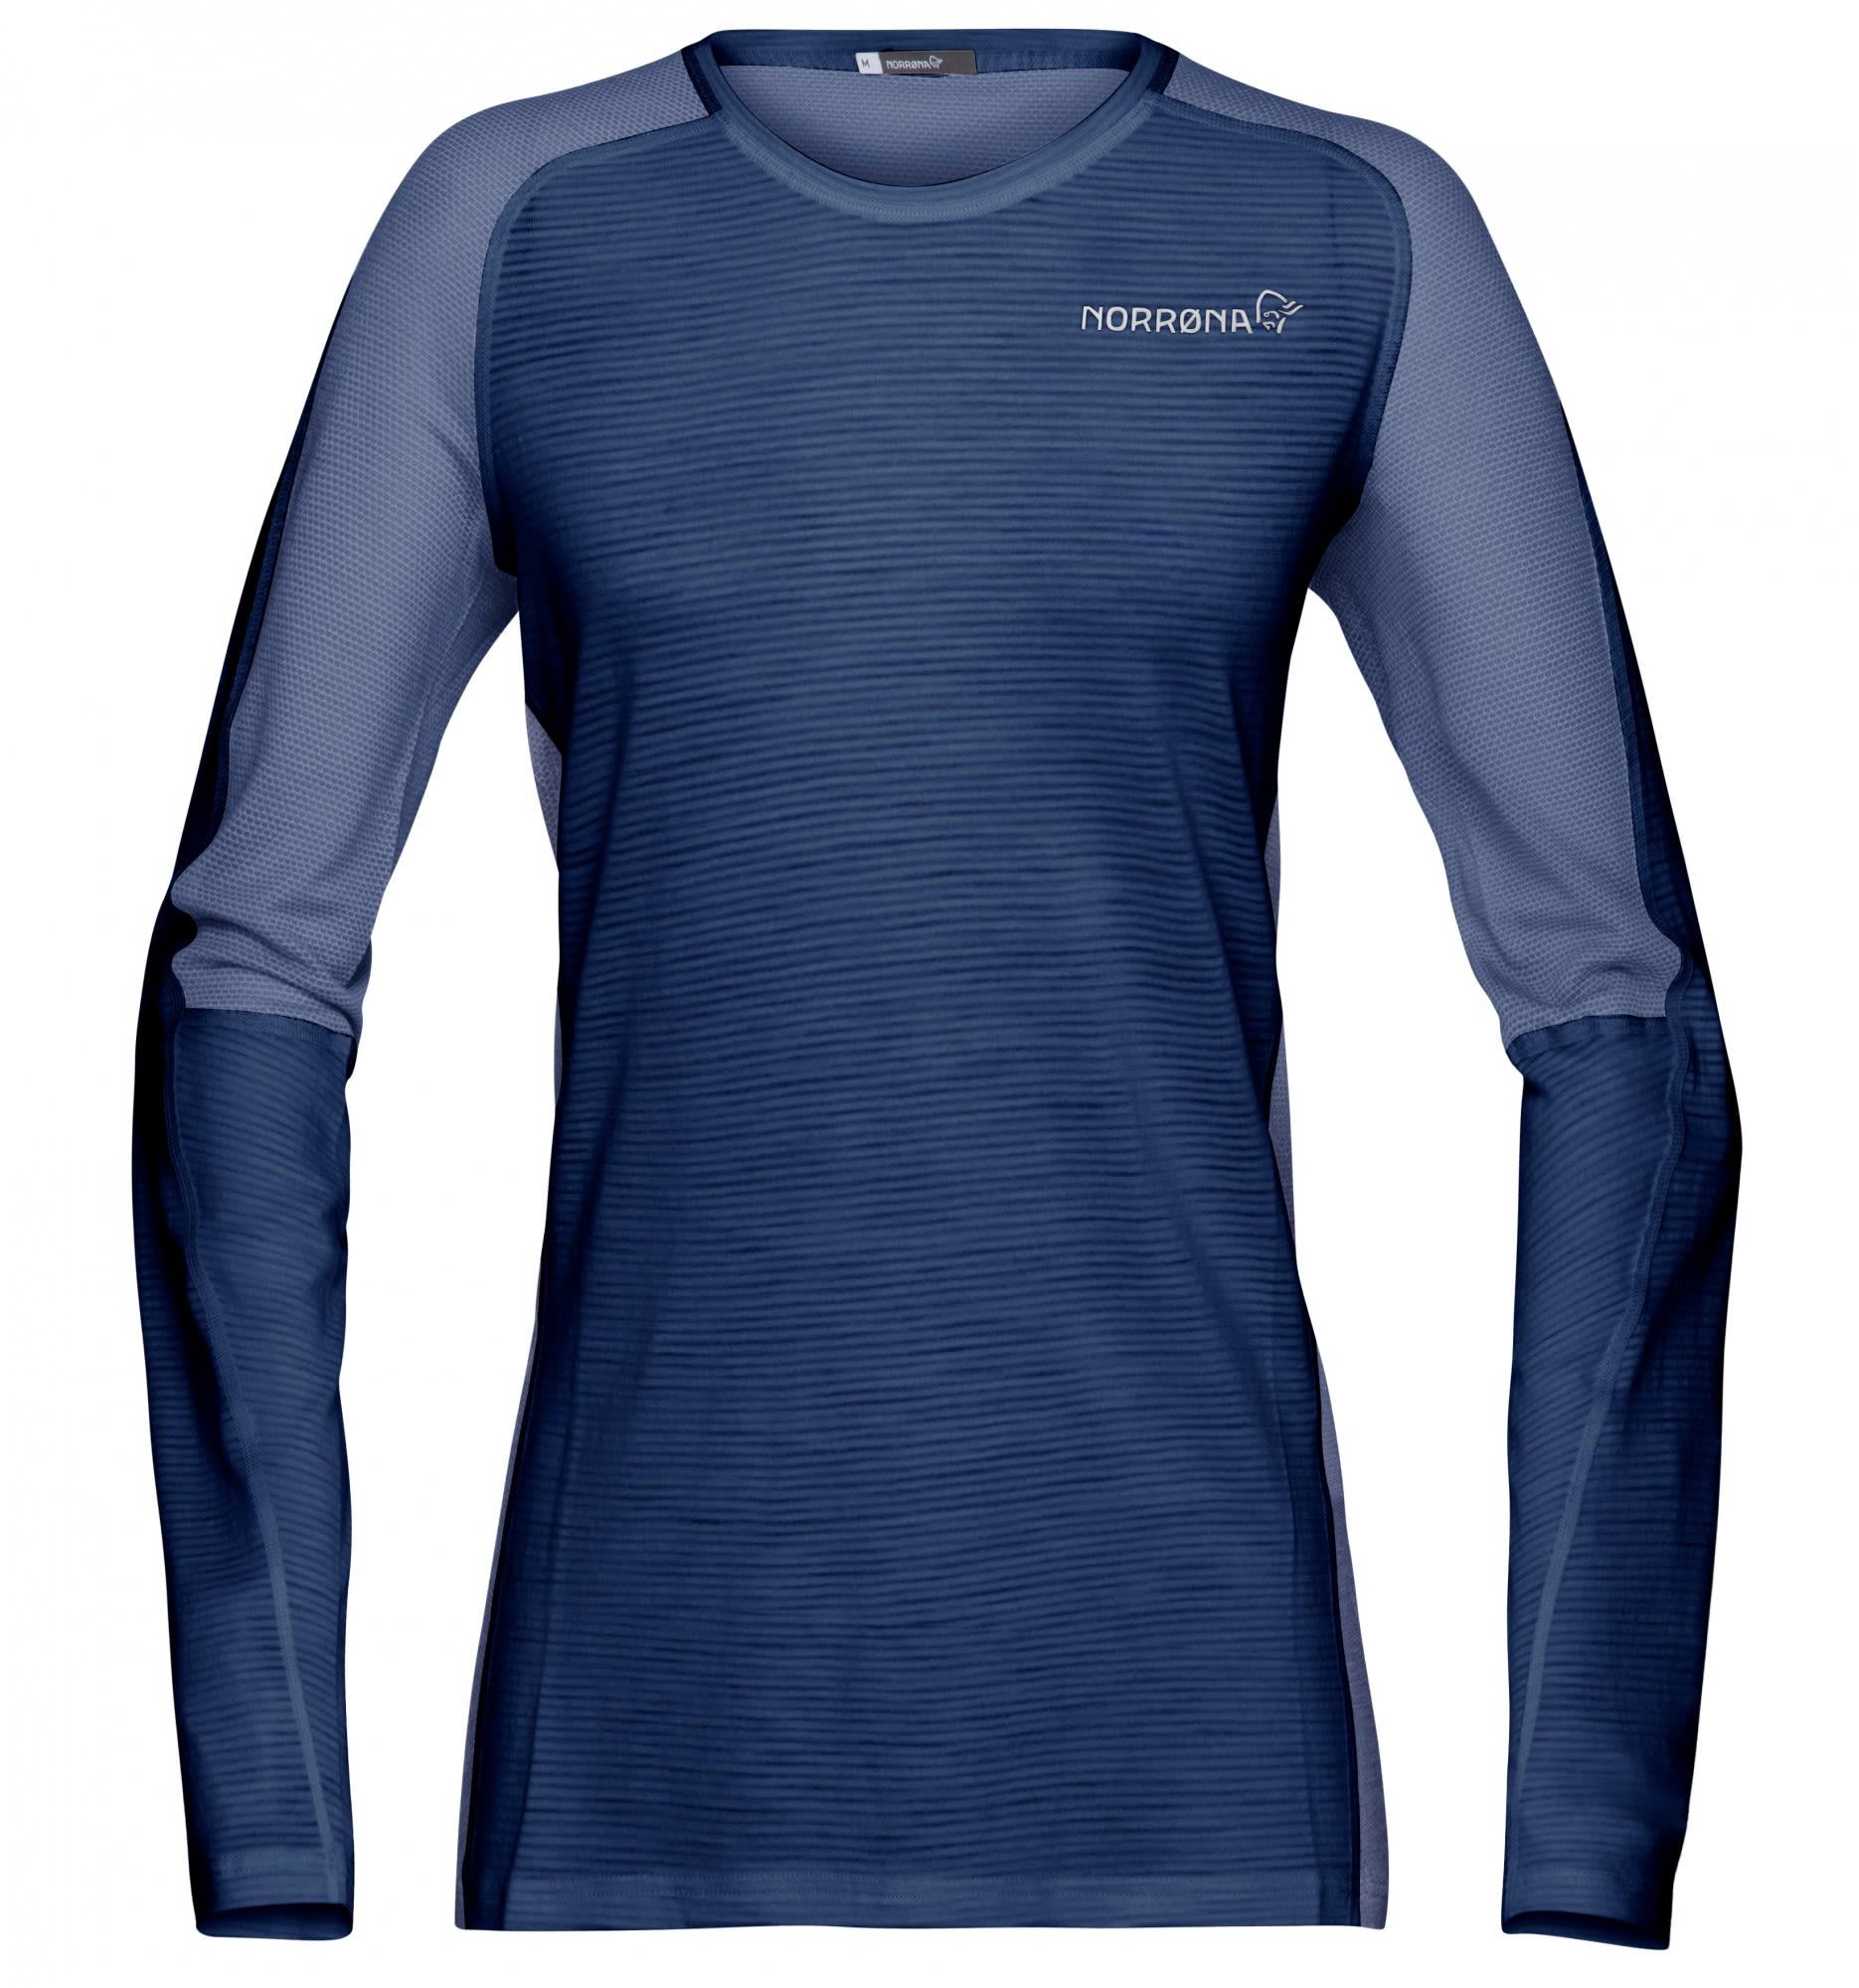 Norrona Bitihorn Wool Shirt Blau, Female Merino Langarm-Shirt, XS